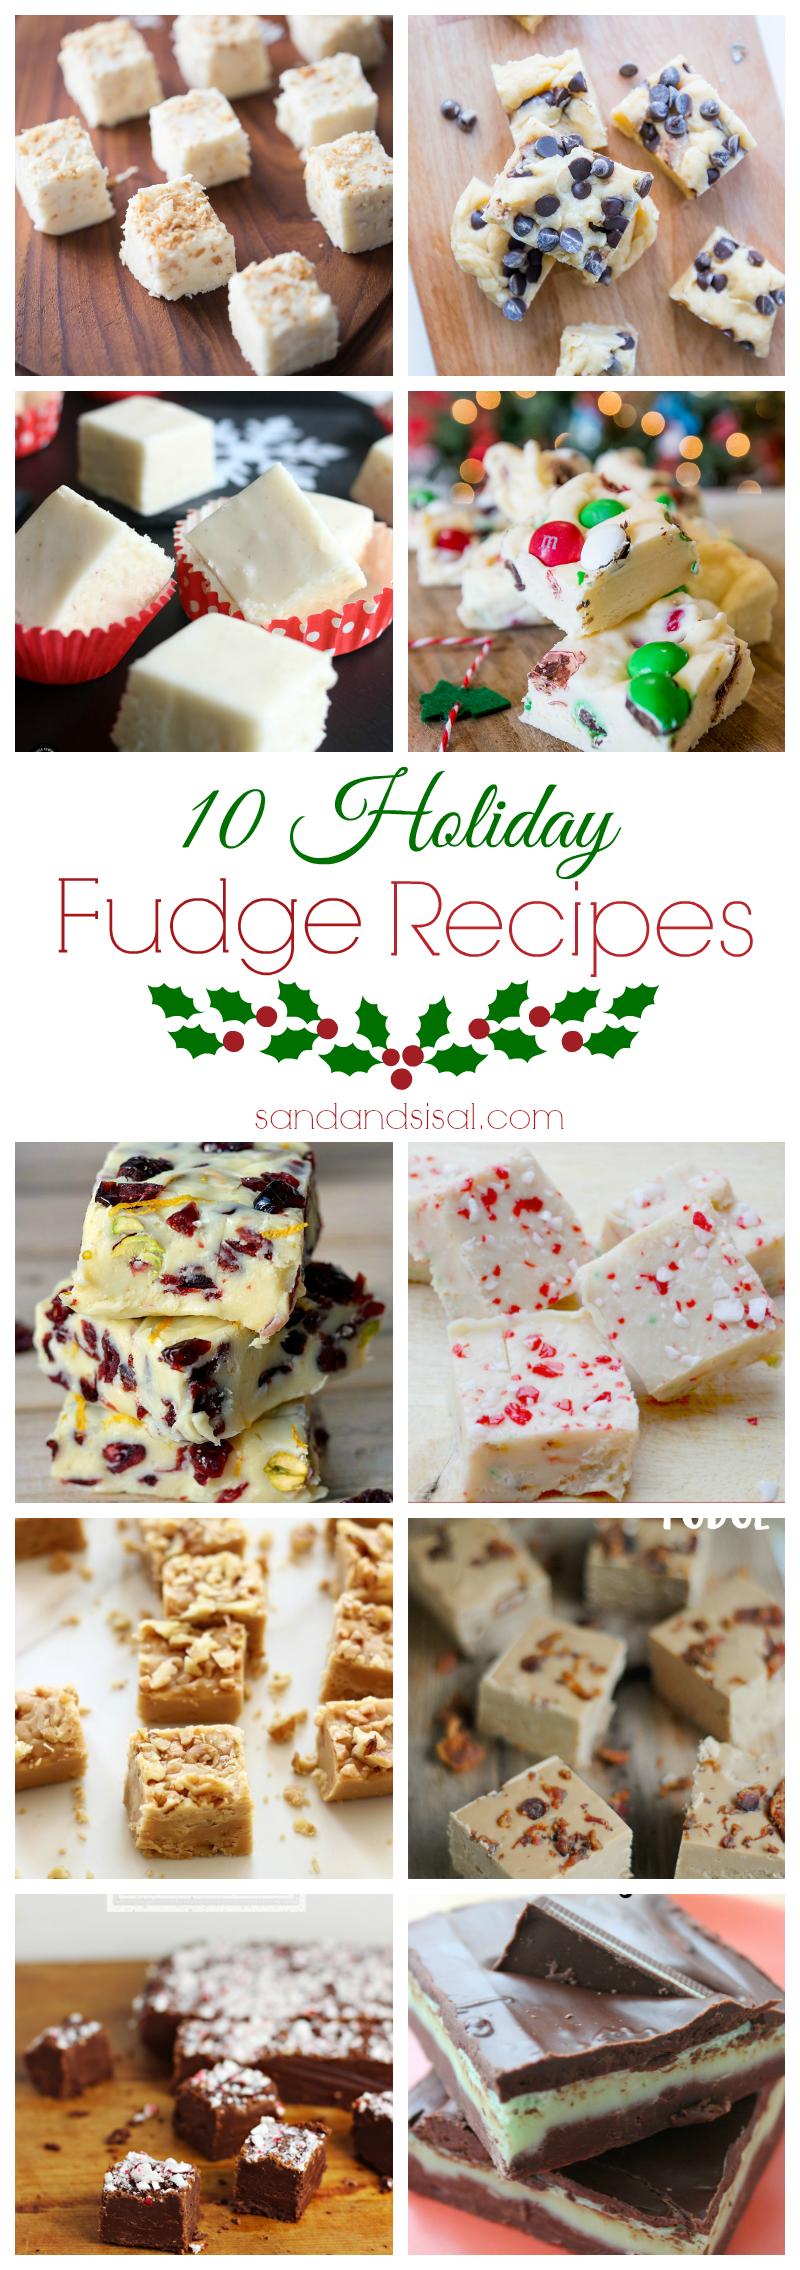 10 Holiday Fudge Recipes